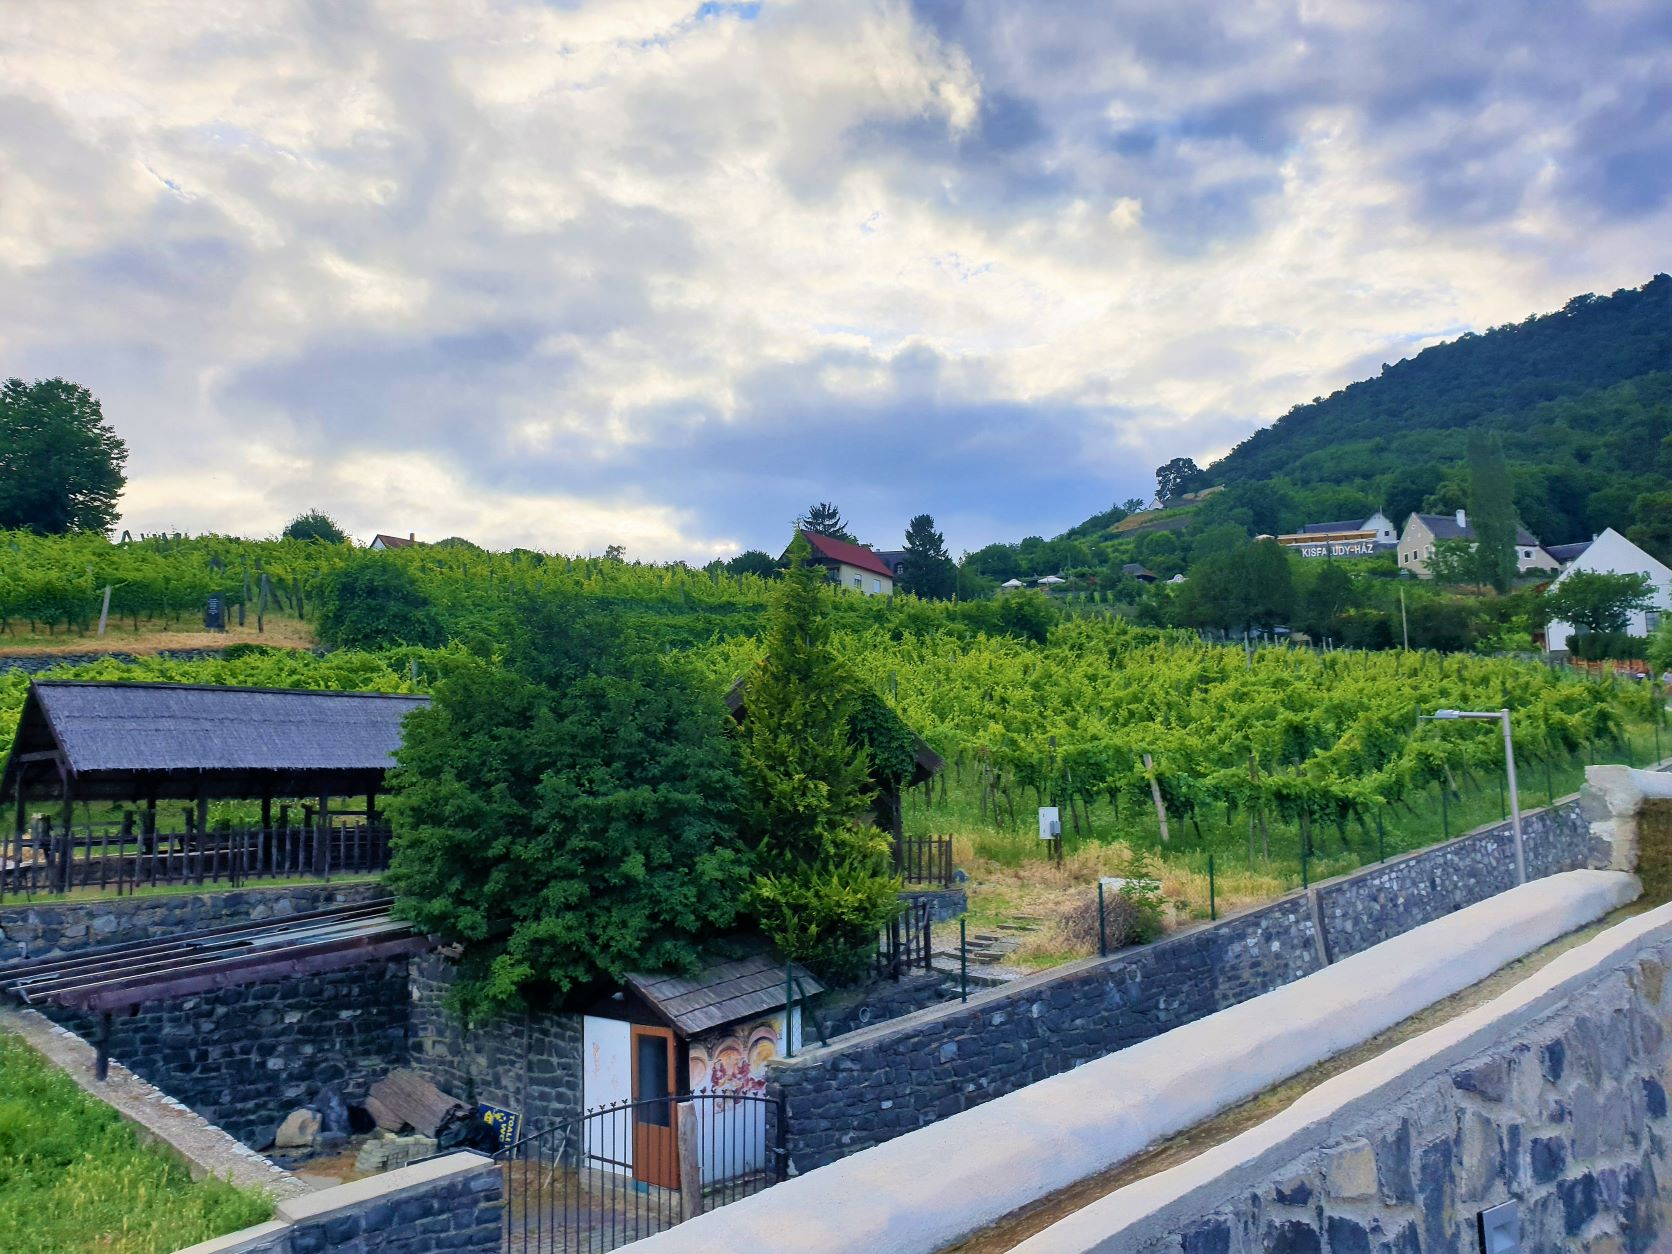 Megéri felmenni a hegyre, nemcsak a kilátás, hanem az éttermek és a borászatok miatt is